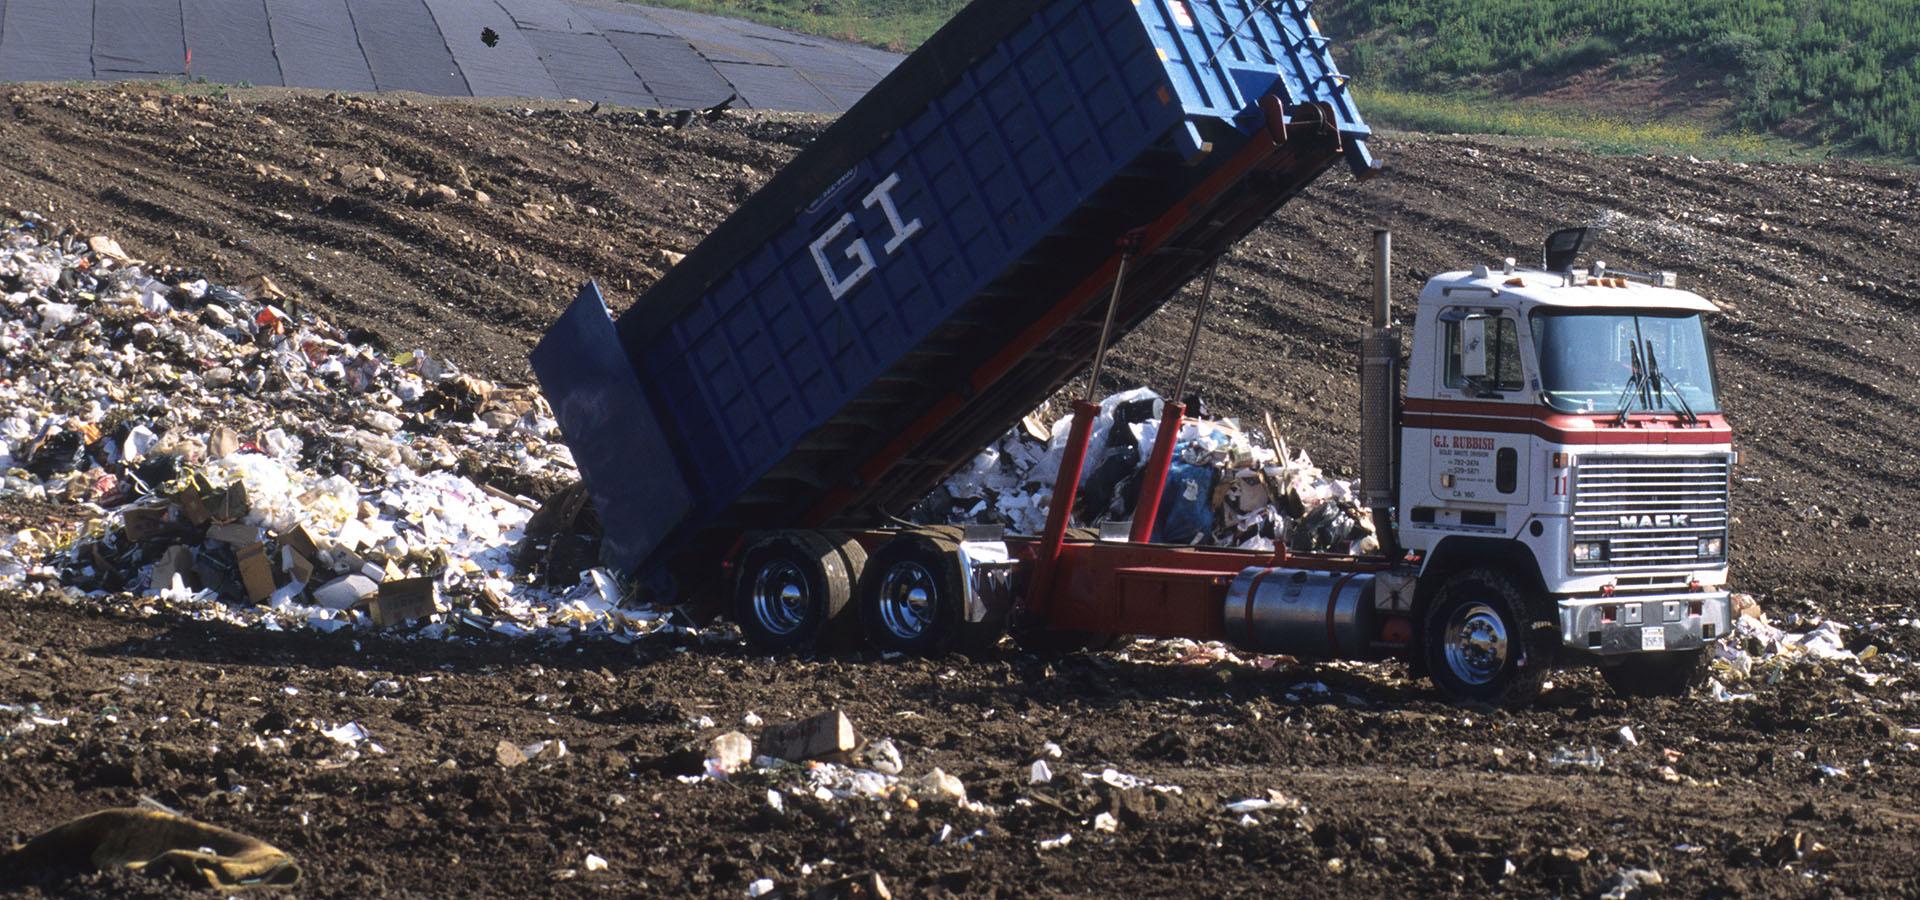 Affald sortering og bortskaffelse